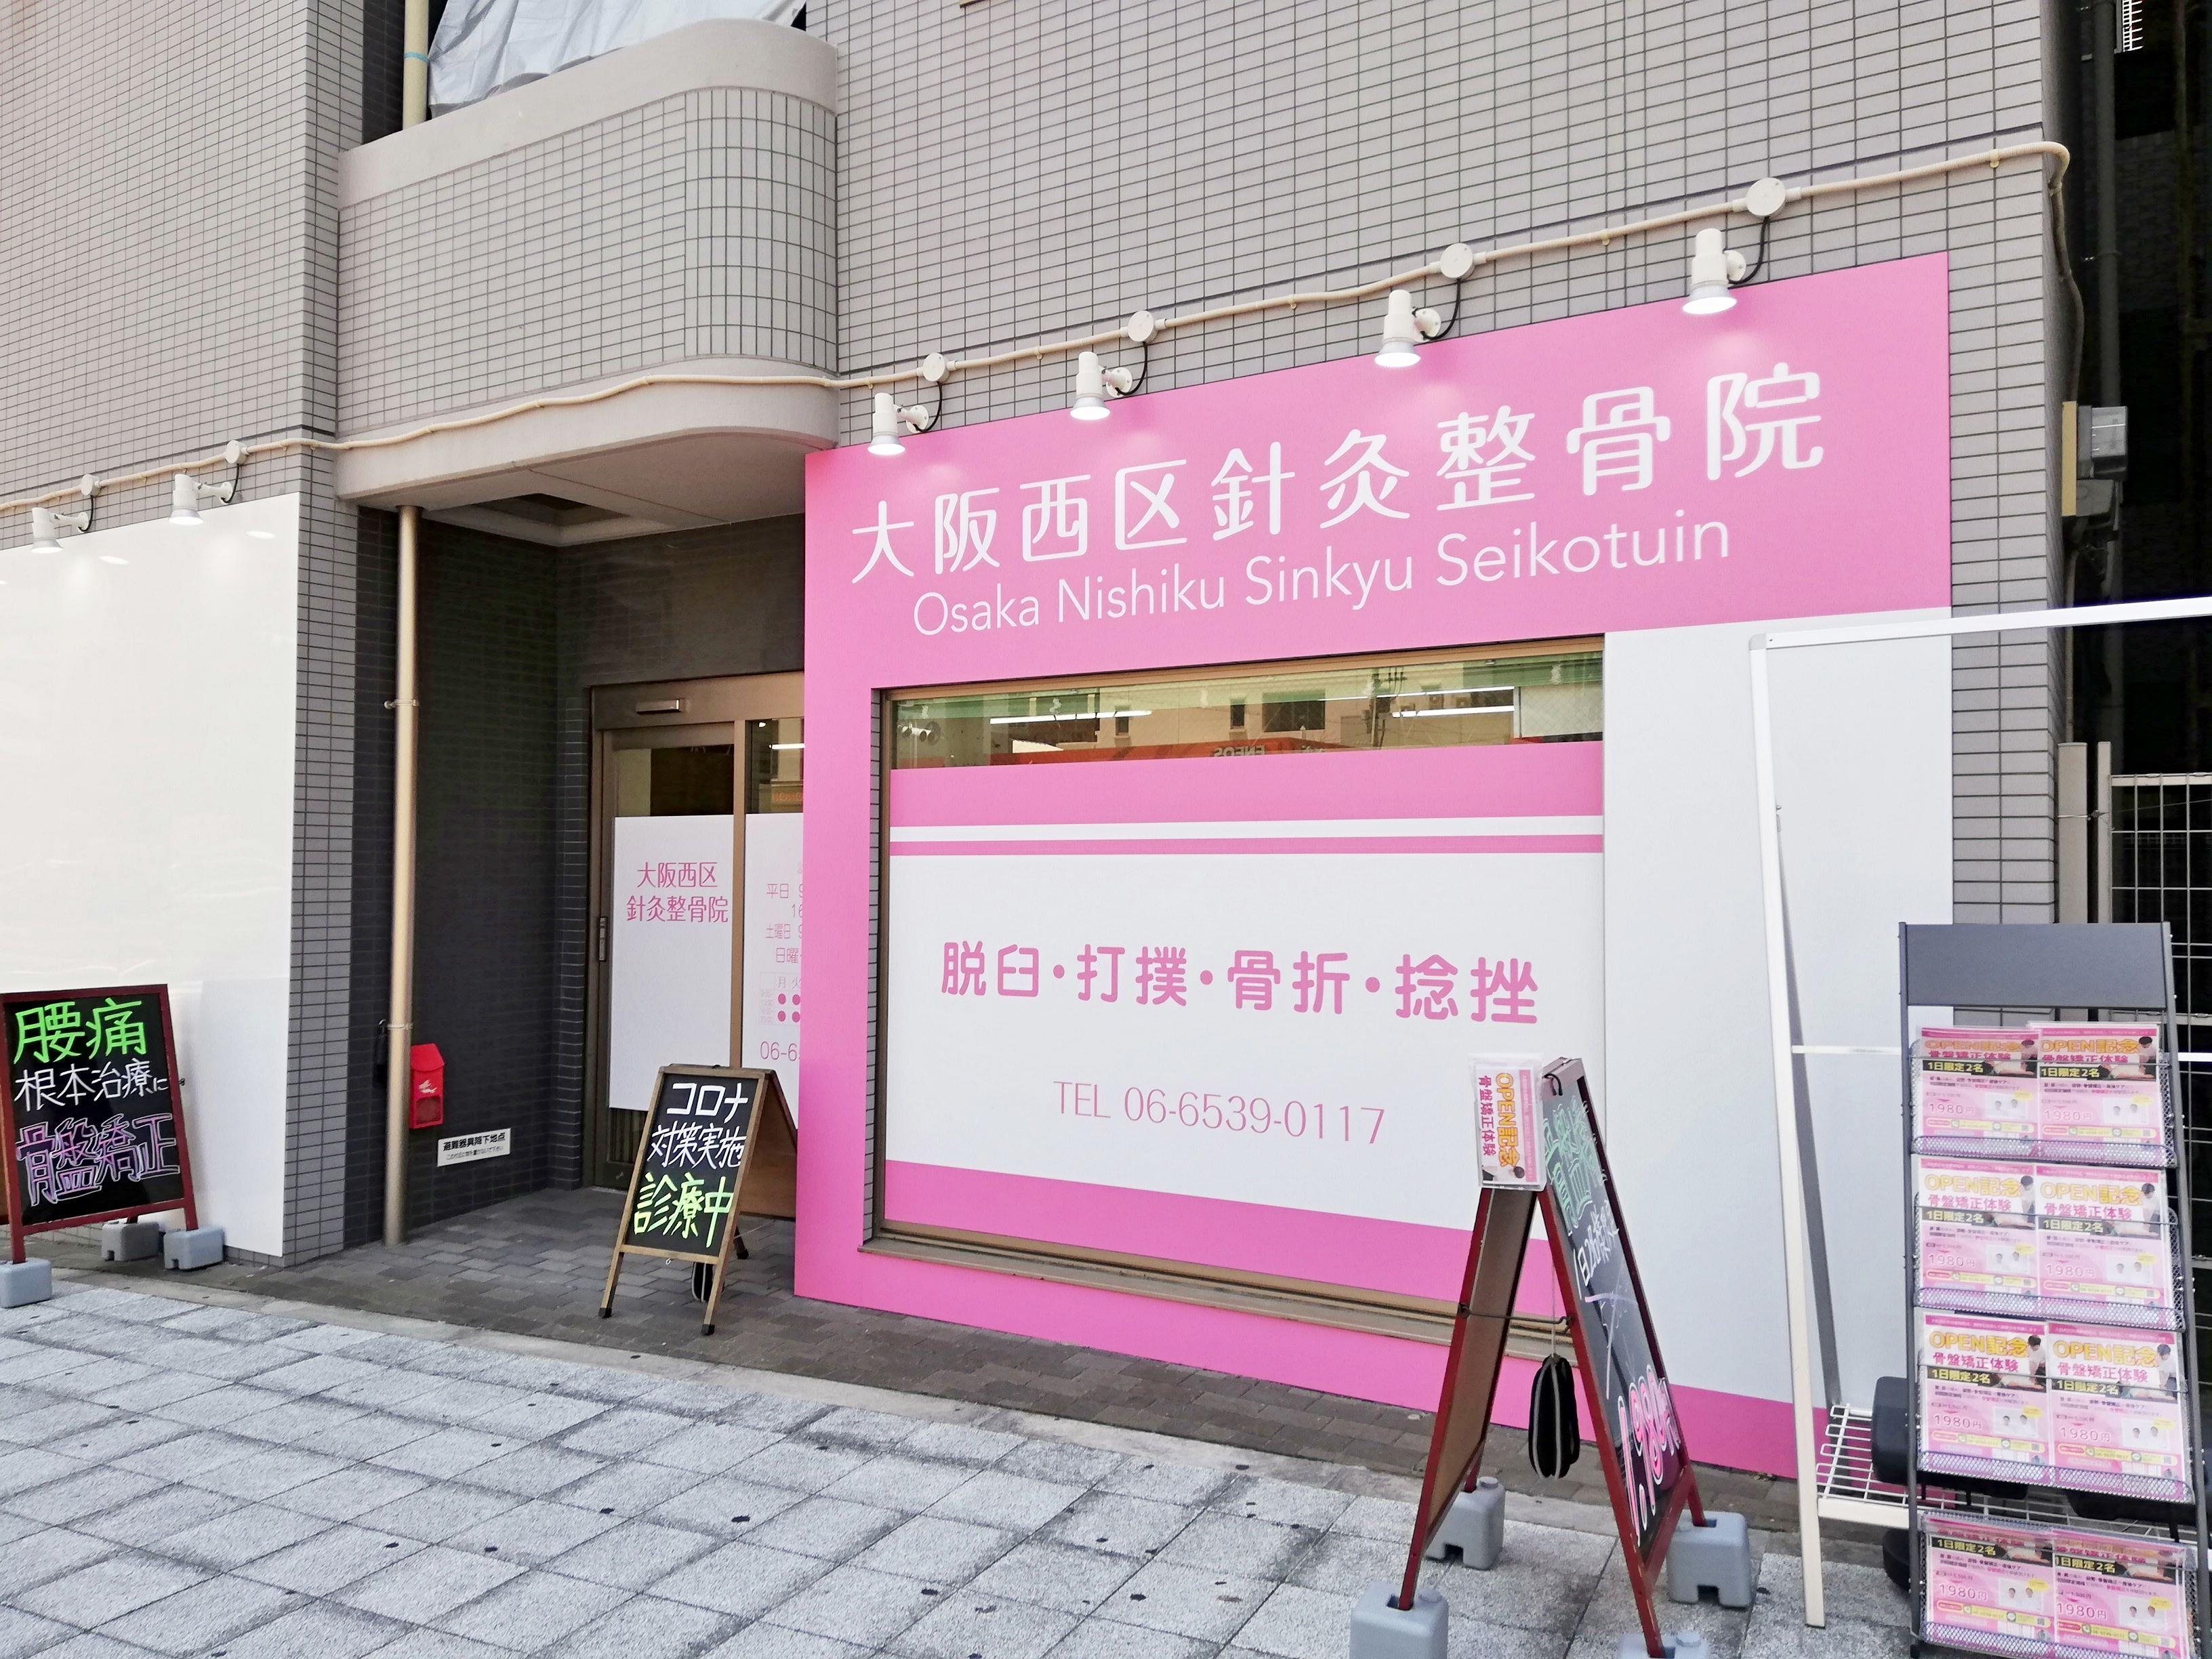 大阪西区針灸整骨院